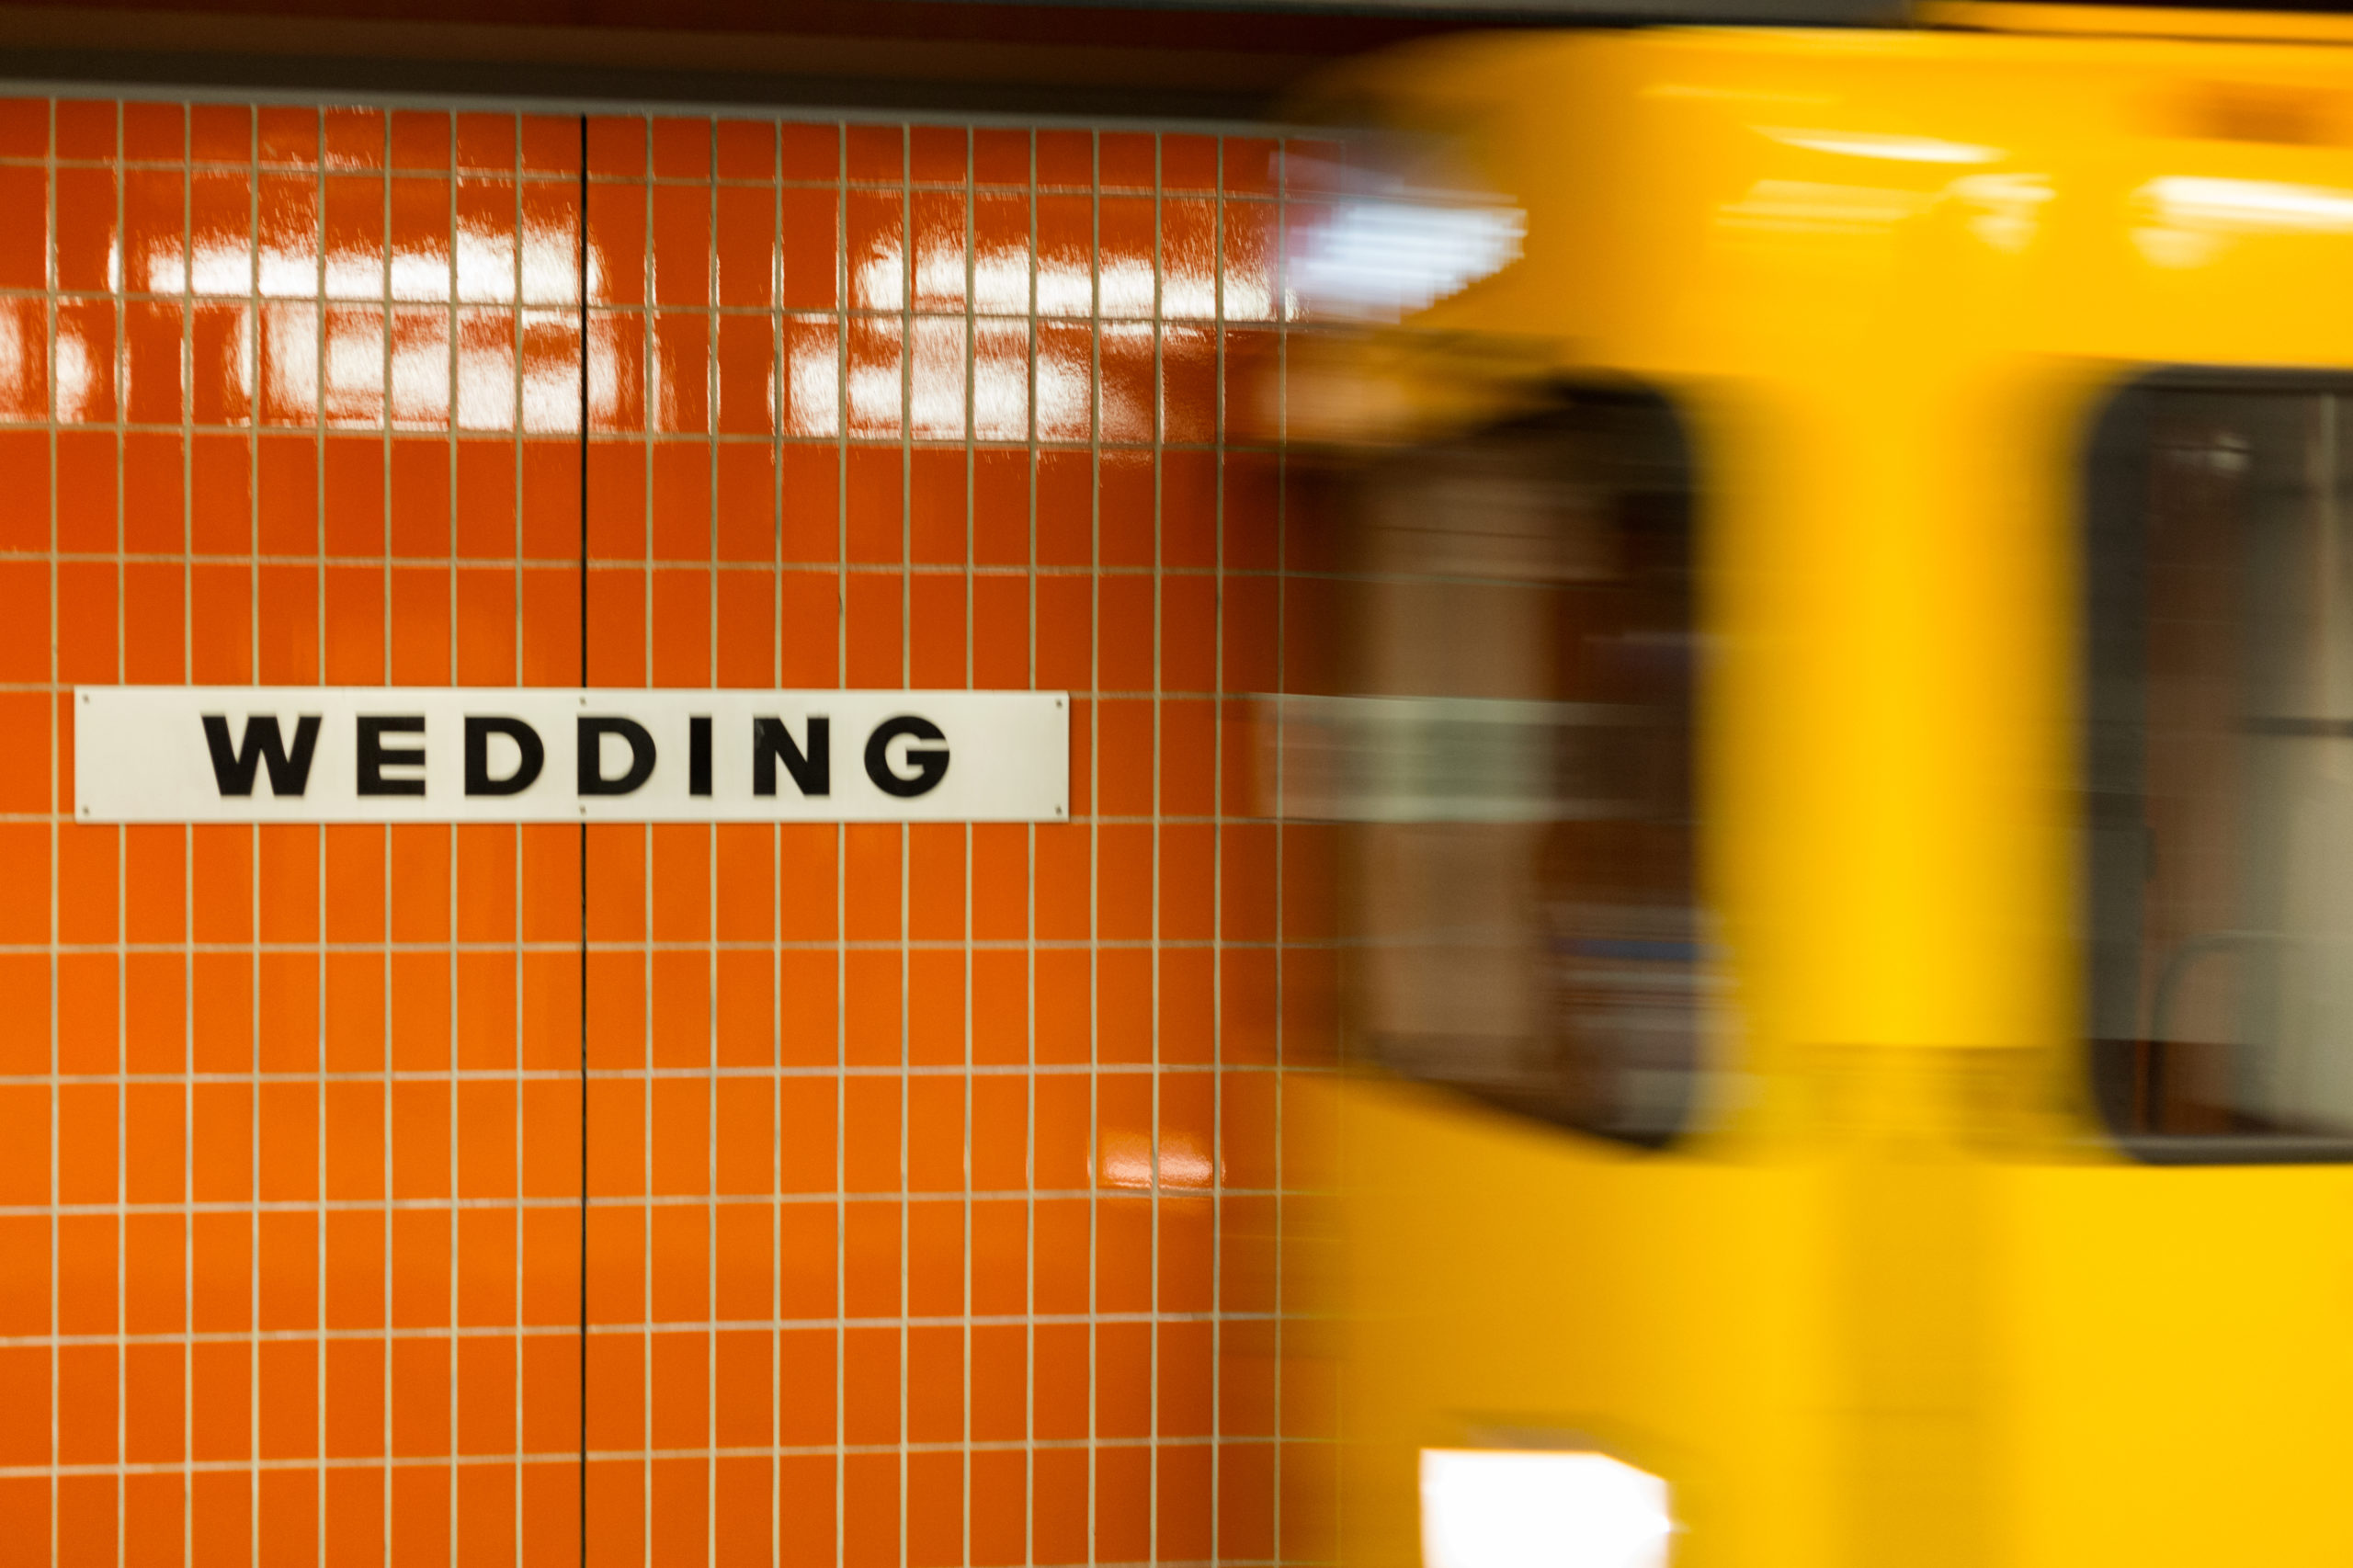 Haushaltsauflösung und Entrümpelung in Wedding